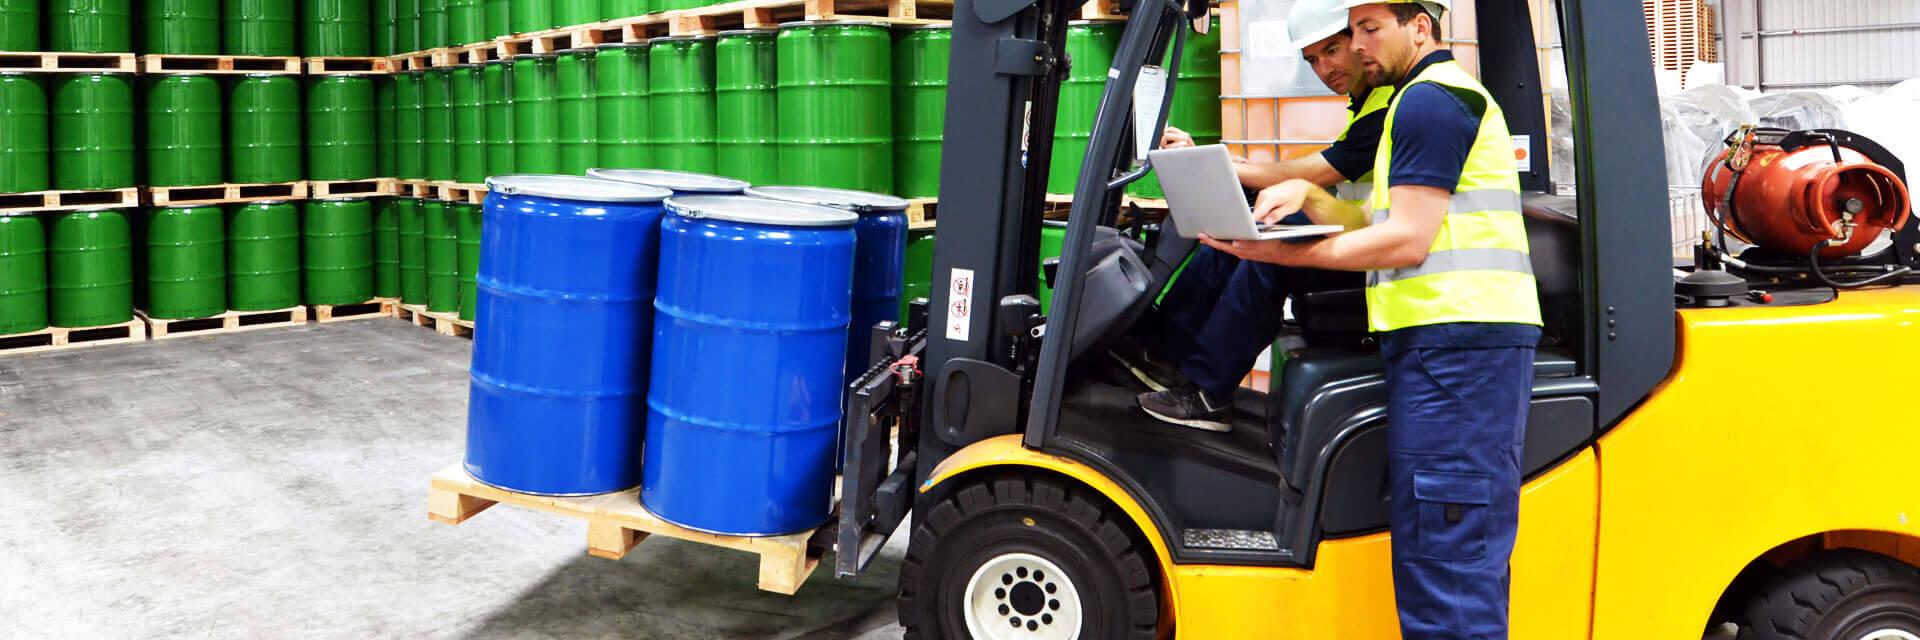 Dostawy środków smarnych oraz materiałów i komponentów do procesu utrzymania ruchu